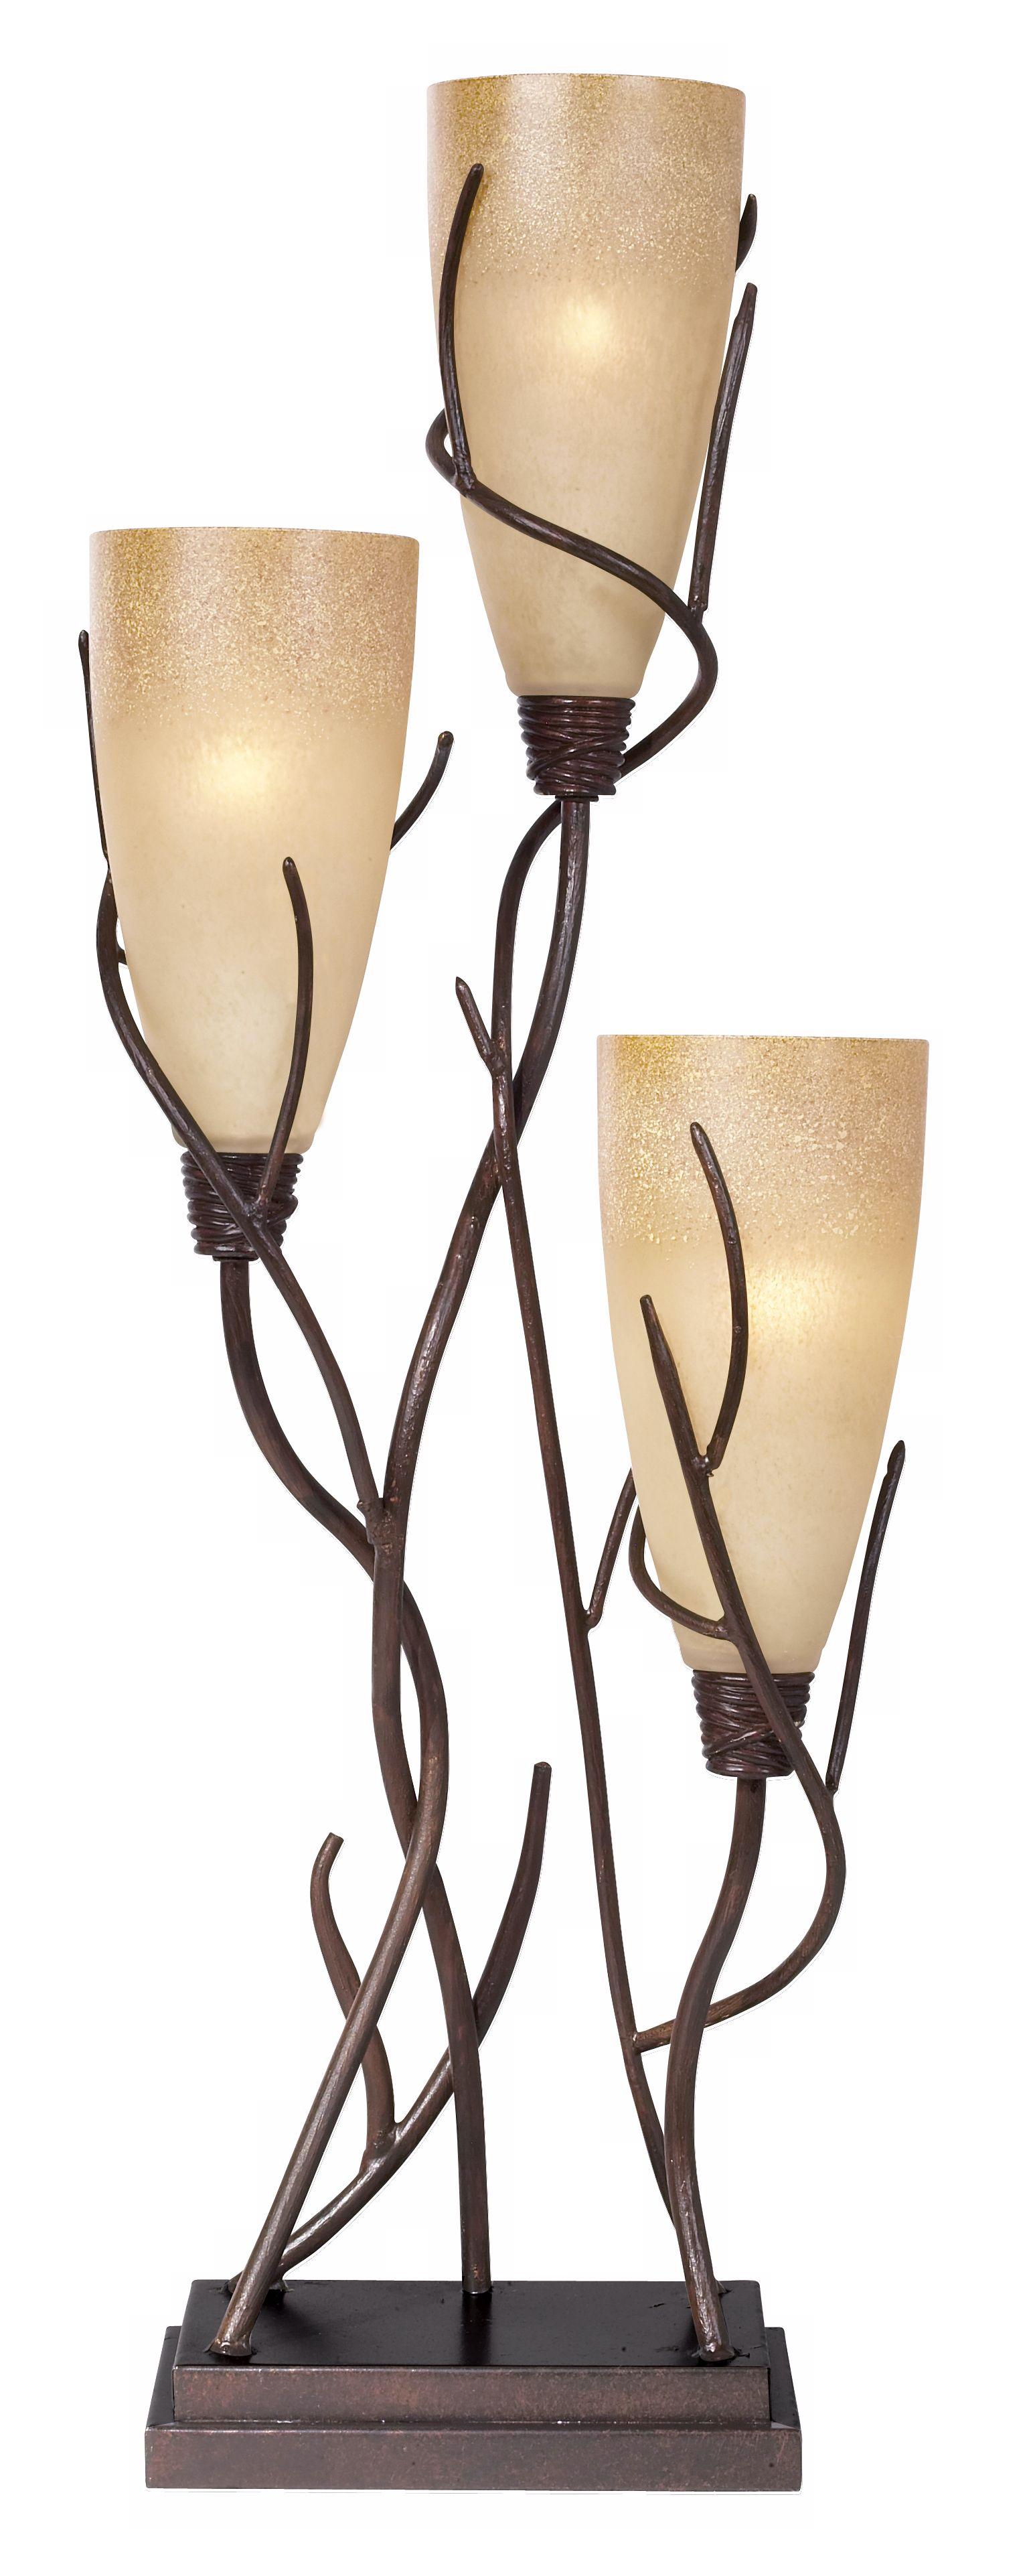 El Dorado 3 Light Uplight Table Lamp